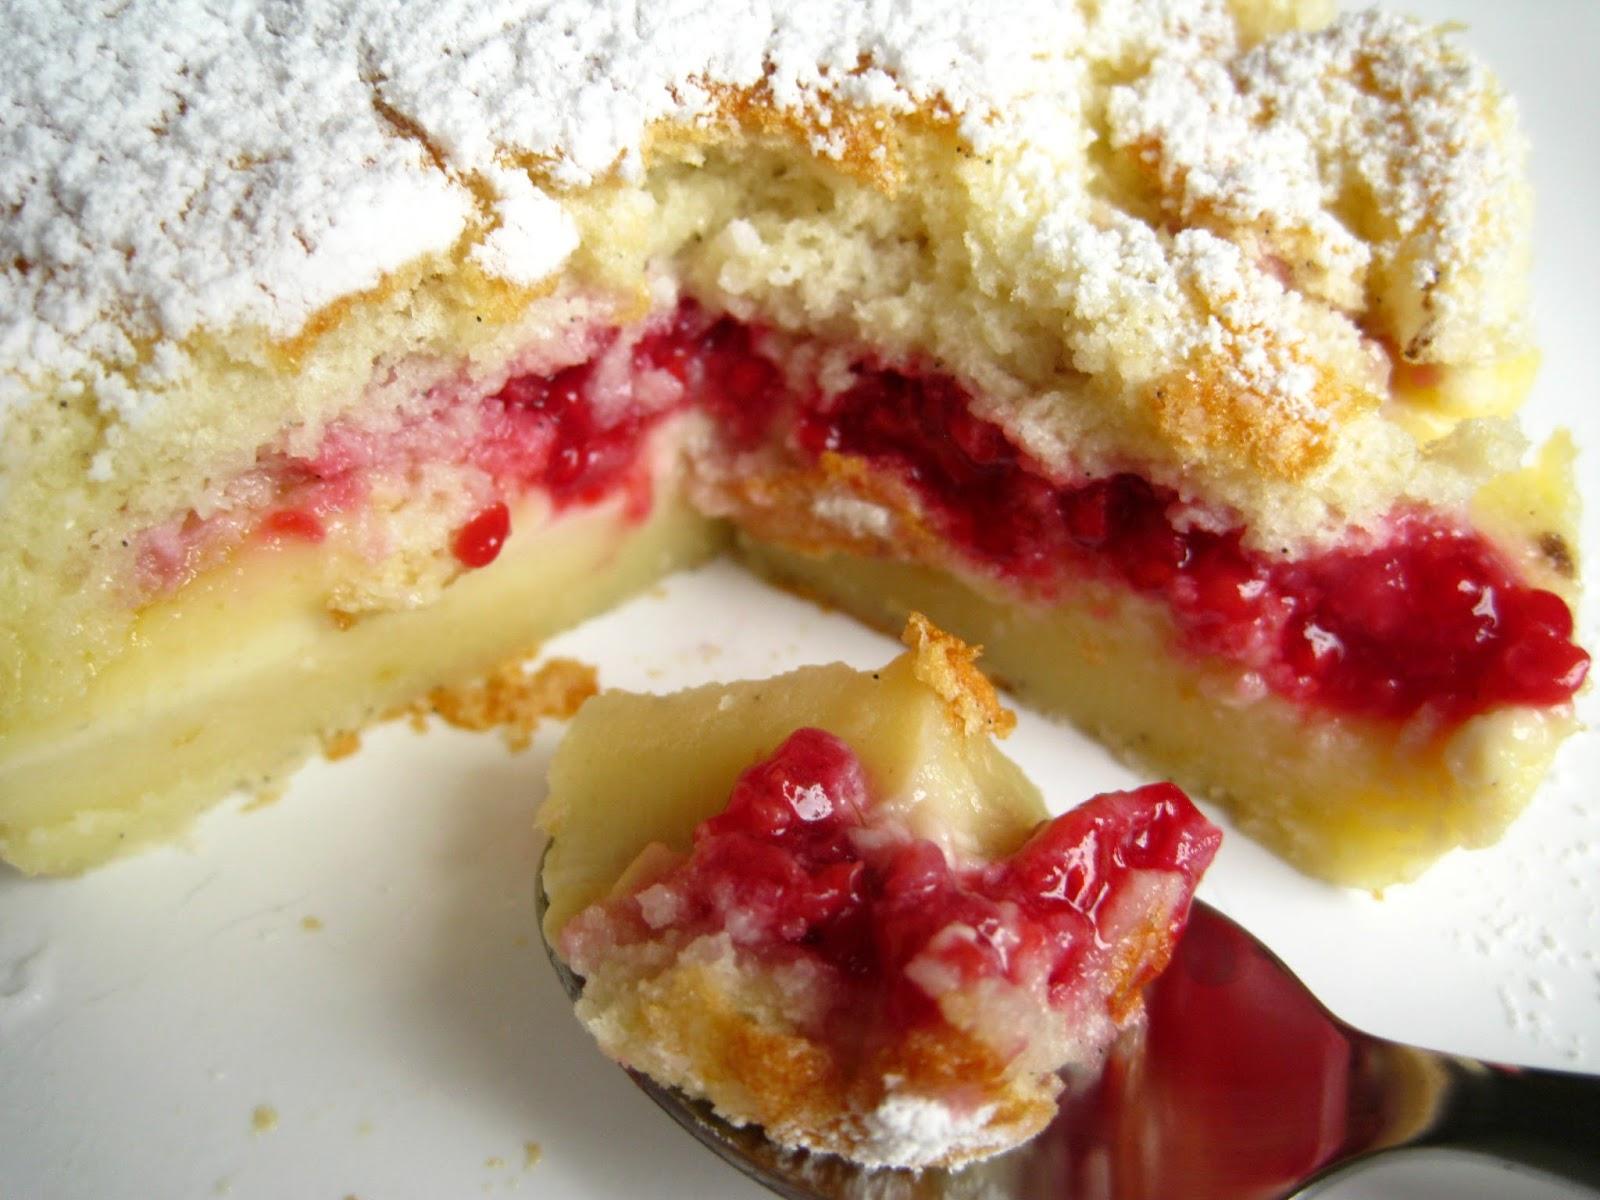 Recette Cake Cerise Et Mirabelle